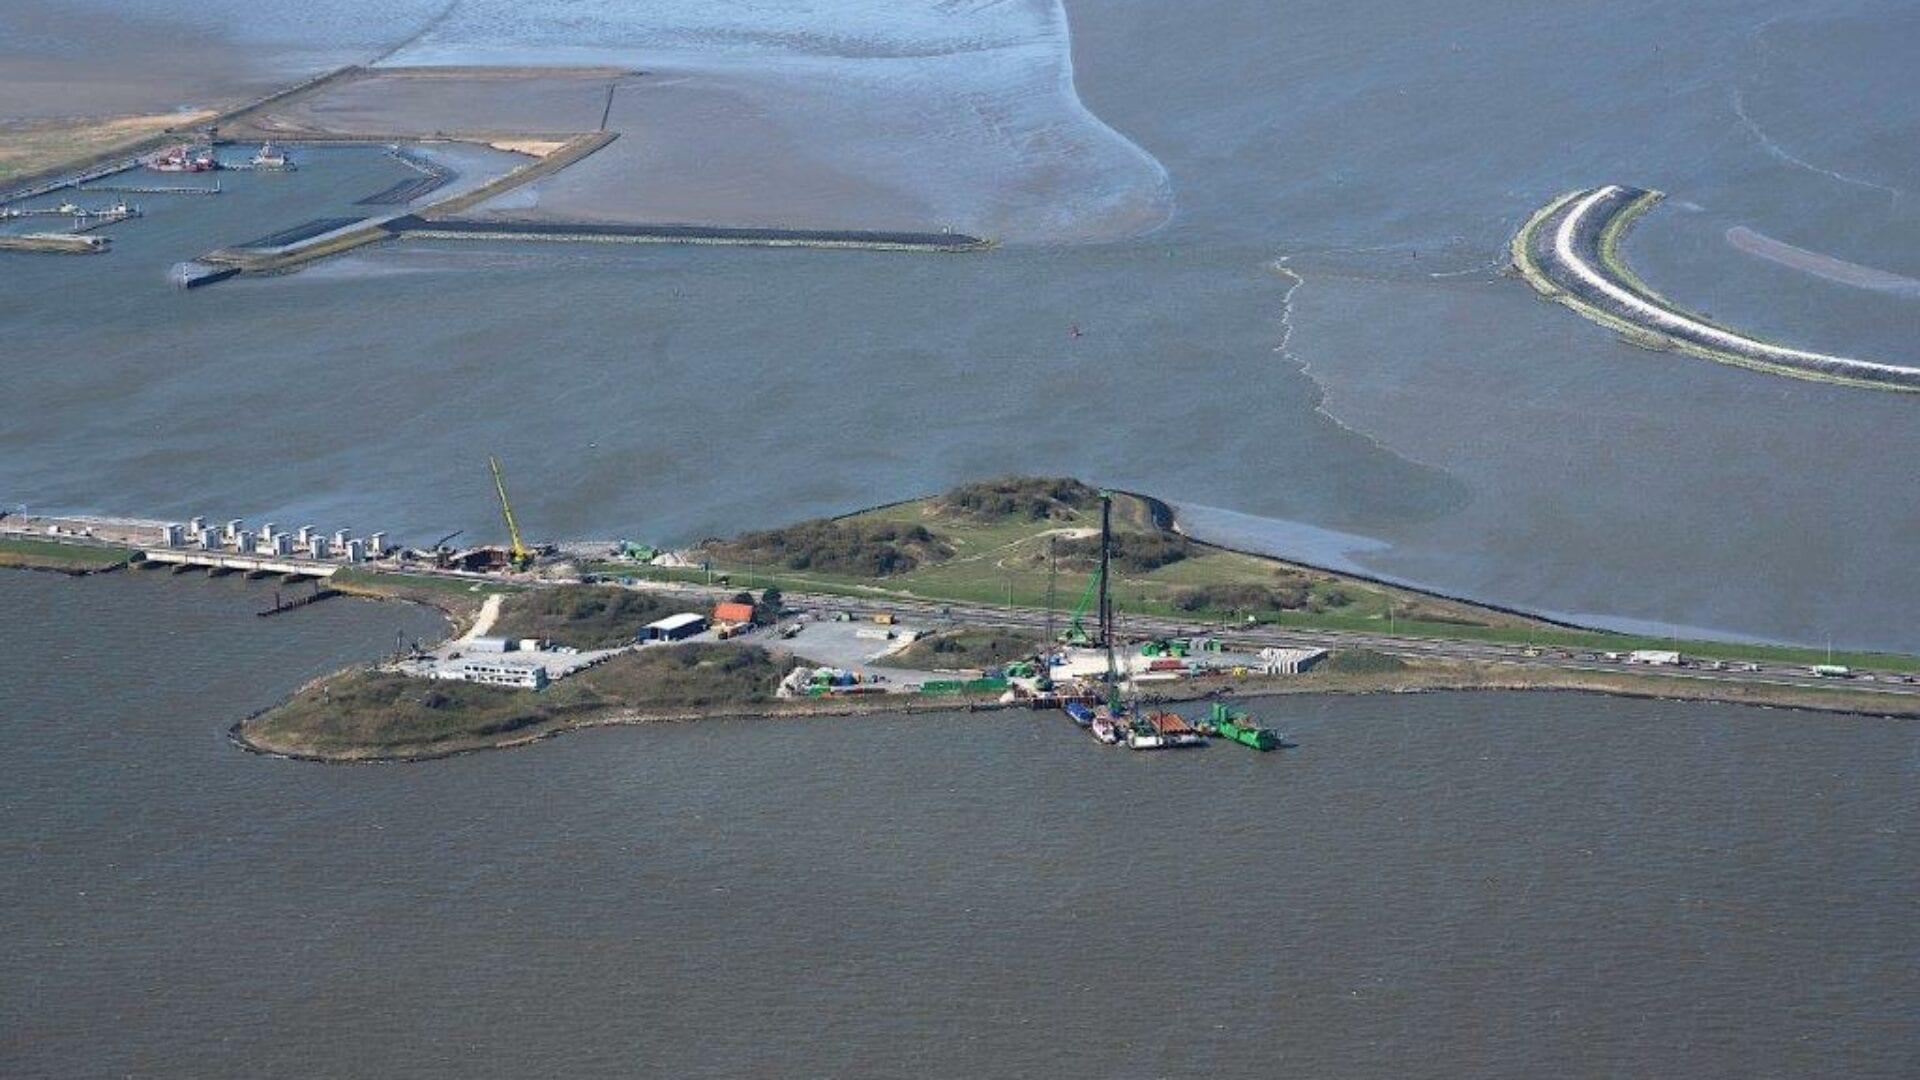 Luchtfoto van de Afsluitdijk. Dit is bijna bij Den Oever. Op grote hoogte kijken wij uit op het werkeiland bij Den Oever. Je ziet de Afsluitdijk van links naar rechts lopen. Je ziet sluizen, een banaanvormige landstrook in het water en een werkterrein.